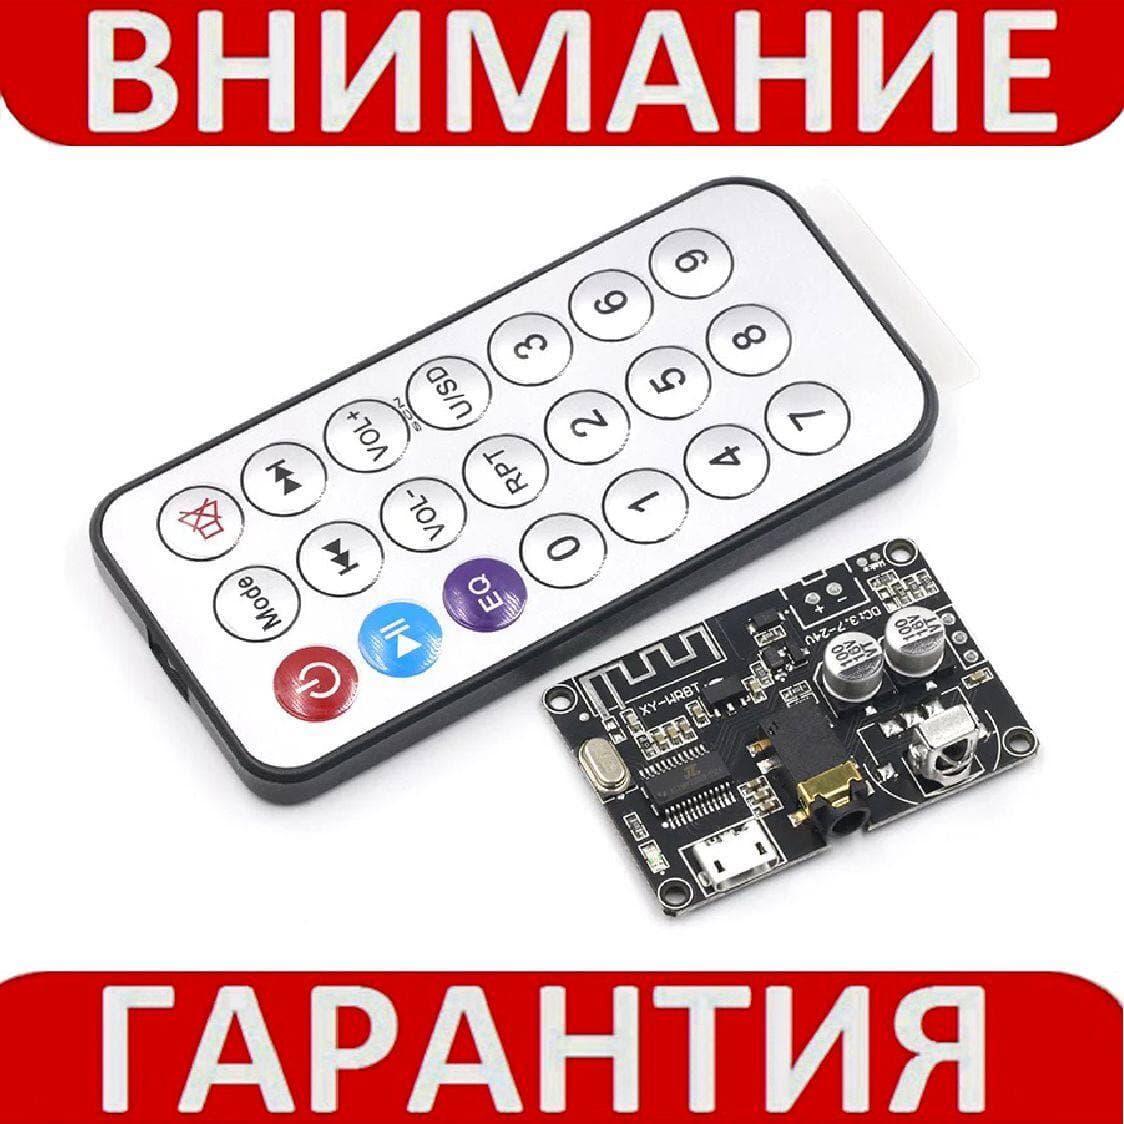 Плата MP3 Bluetooth 5.0 приемник, декодер 3.7-24В XY-WRBT с пультом ДУ